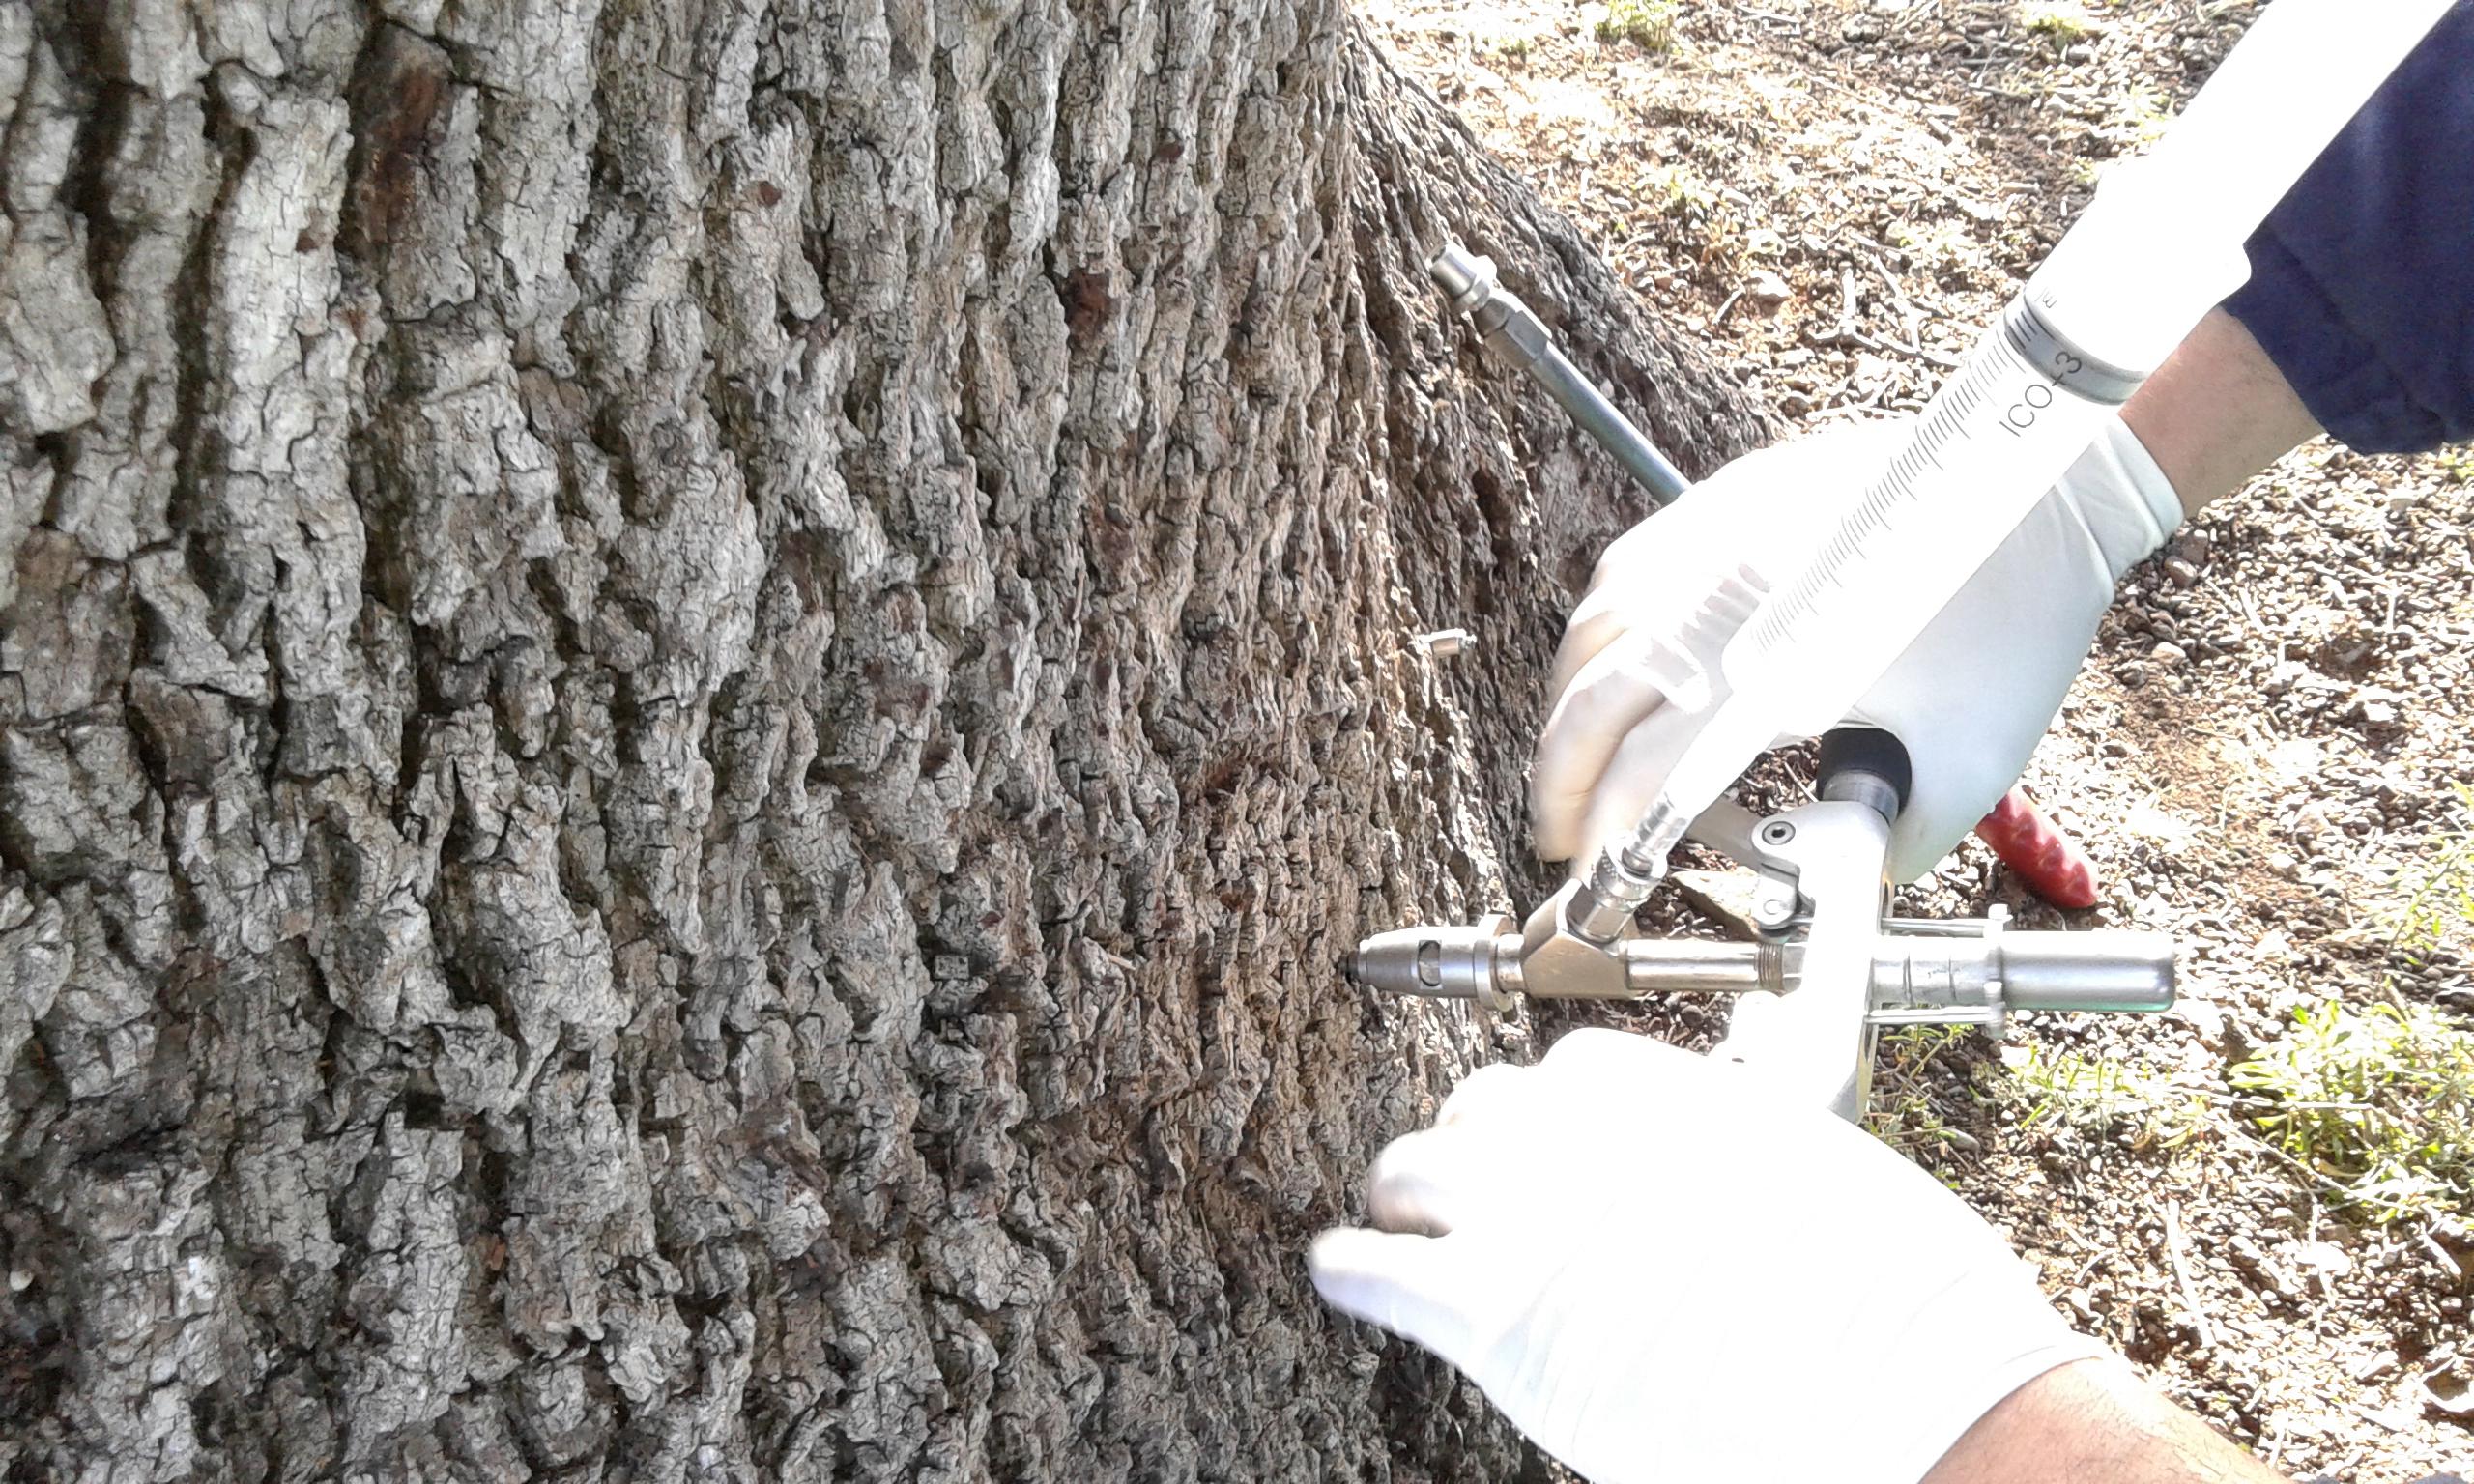 Endoterapia – Alternativa sostenible al control de plagas en arbolado mediante inyección al tronco